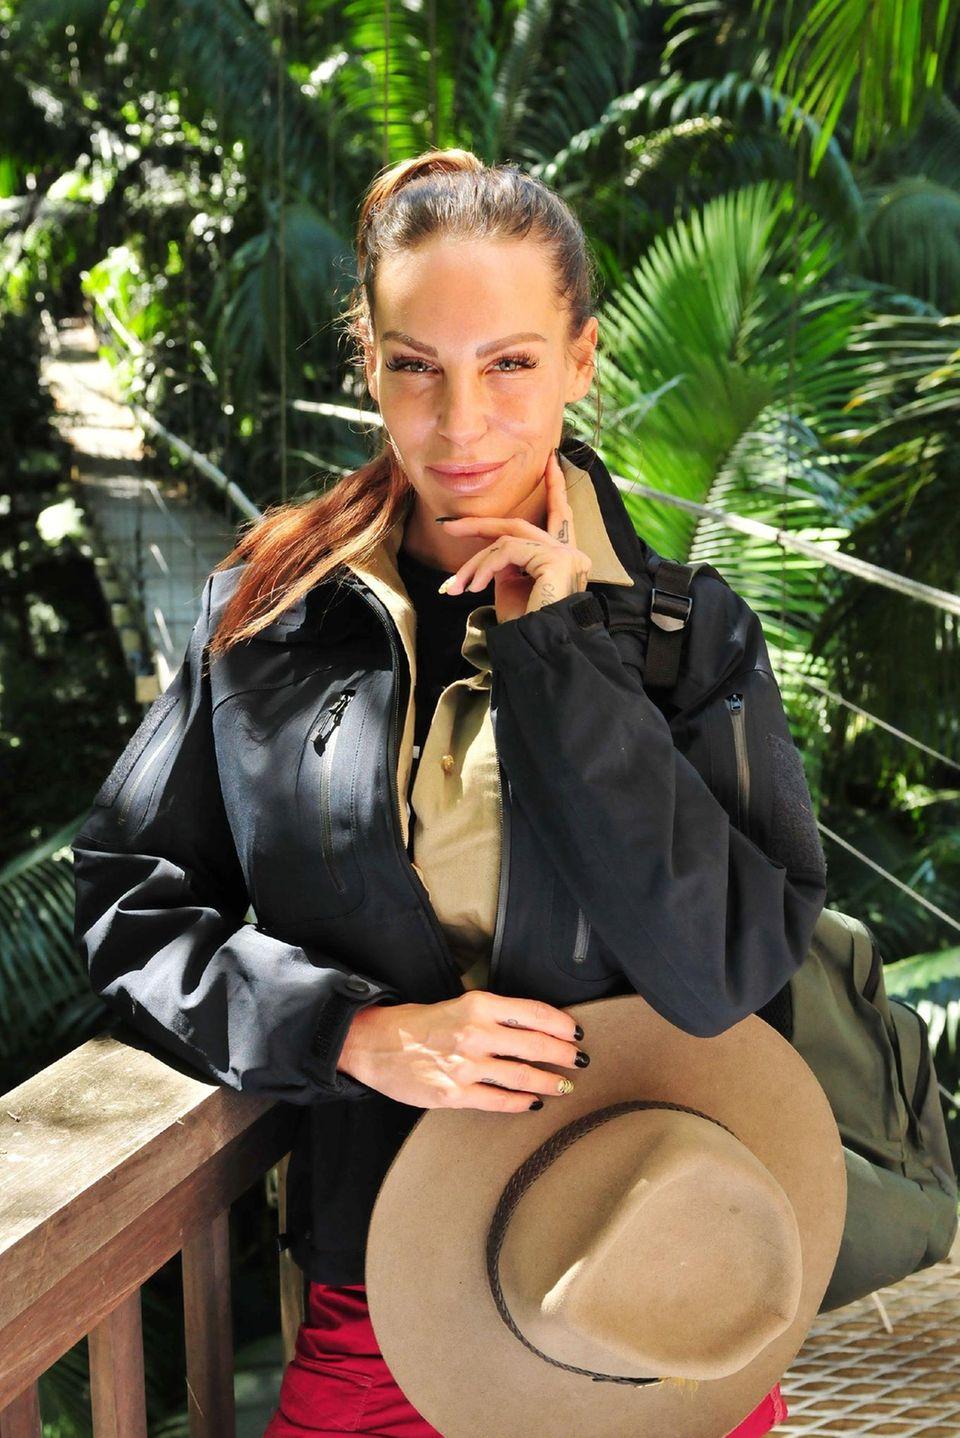 """Gina-Lisa Lohfink ist eine der Enttäuschungen des diesjährigen Dschungelcamps: Von der ehemaligen """"GNTM""""-Kandidatin haben sich die Zuschauer sehr viel mehr erhofft. Für die 30-Jährige reichte es daher nur für Platz 8 in der Show. Dennoch dürfte ihr Busch-Abenteuer ihrer Trash-Karriere noch einmal Aufwind verleihen: Laut """"Bild""""-Zeitung ließ sich Gina-Lisa in ihrem Vertrag weitere TV-Auftritte bei RTL zusichern. Außerdem warten auf sie Autogrammstunden und Club-Auftritte mit ihrem guten Freund Florian Wess. Dabei soll sich das TV-Sternchen nach """"Bild""""-Informationen immerhin über eine Gage von bis zu 3000 Euro freuen können."""